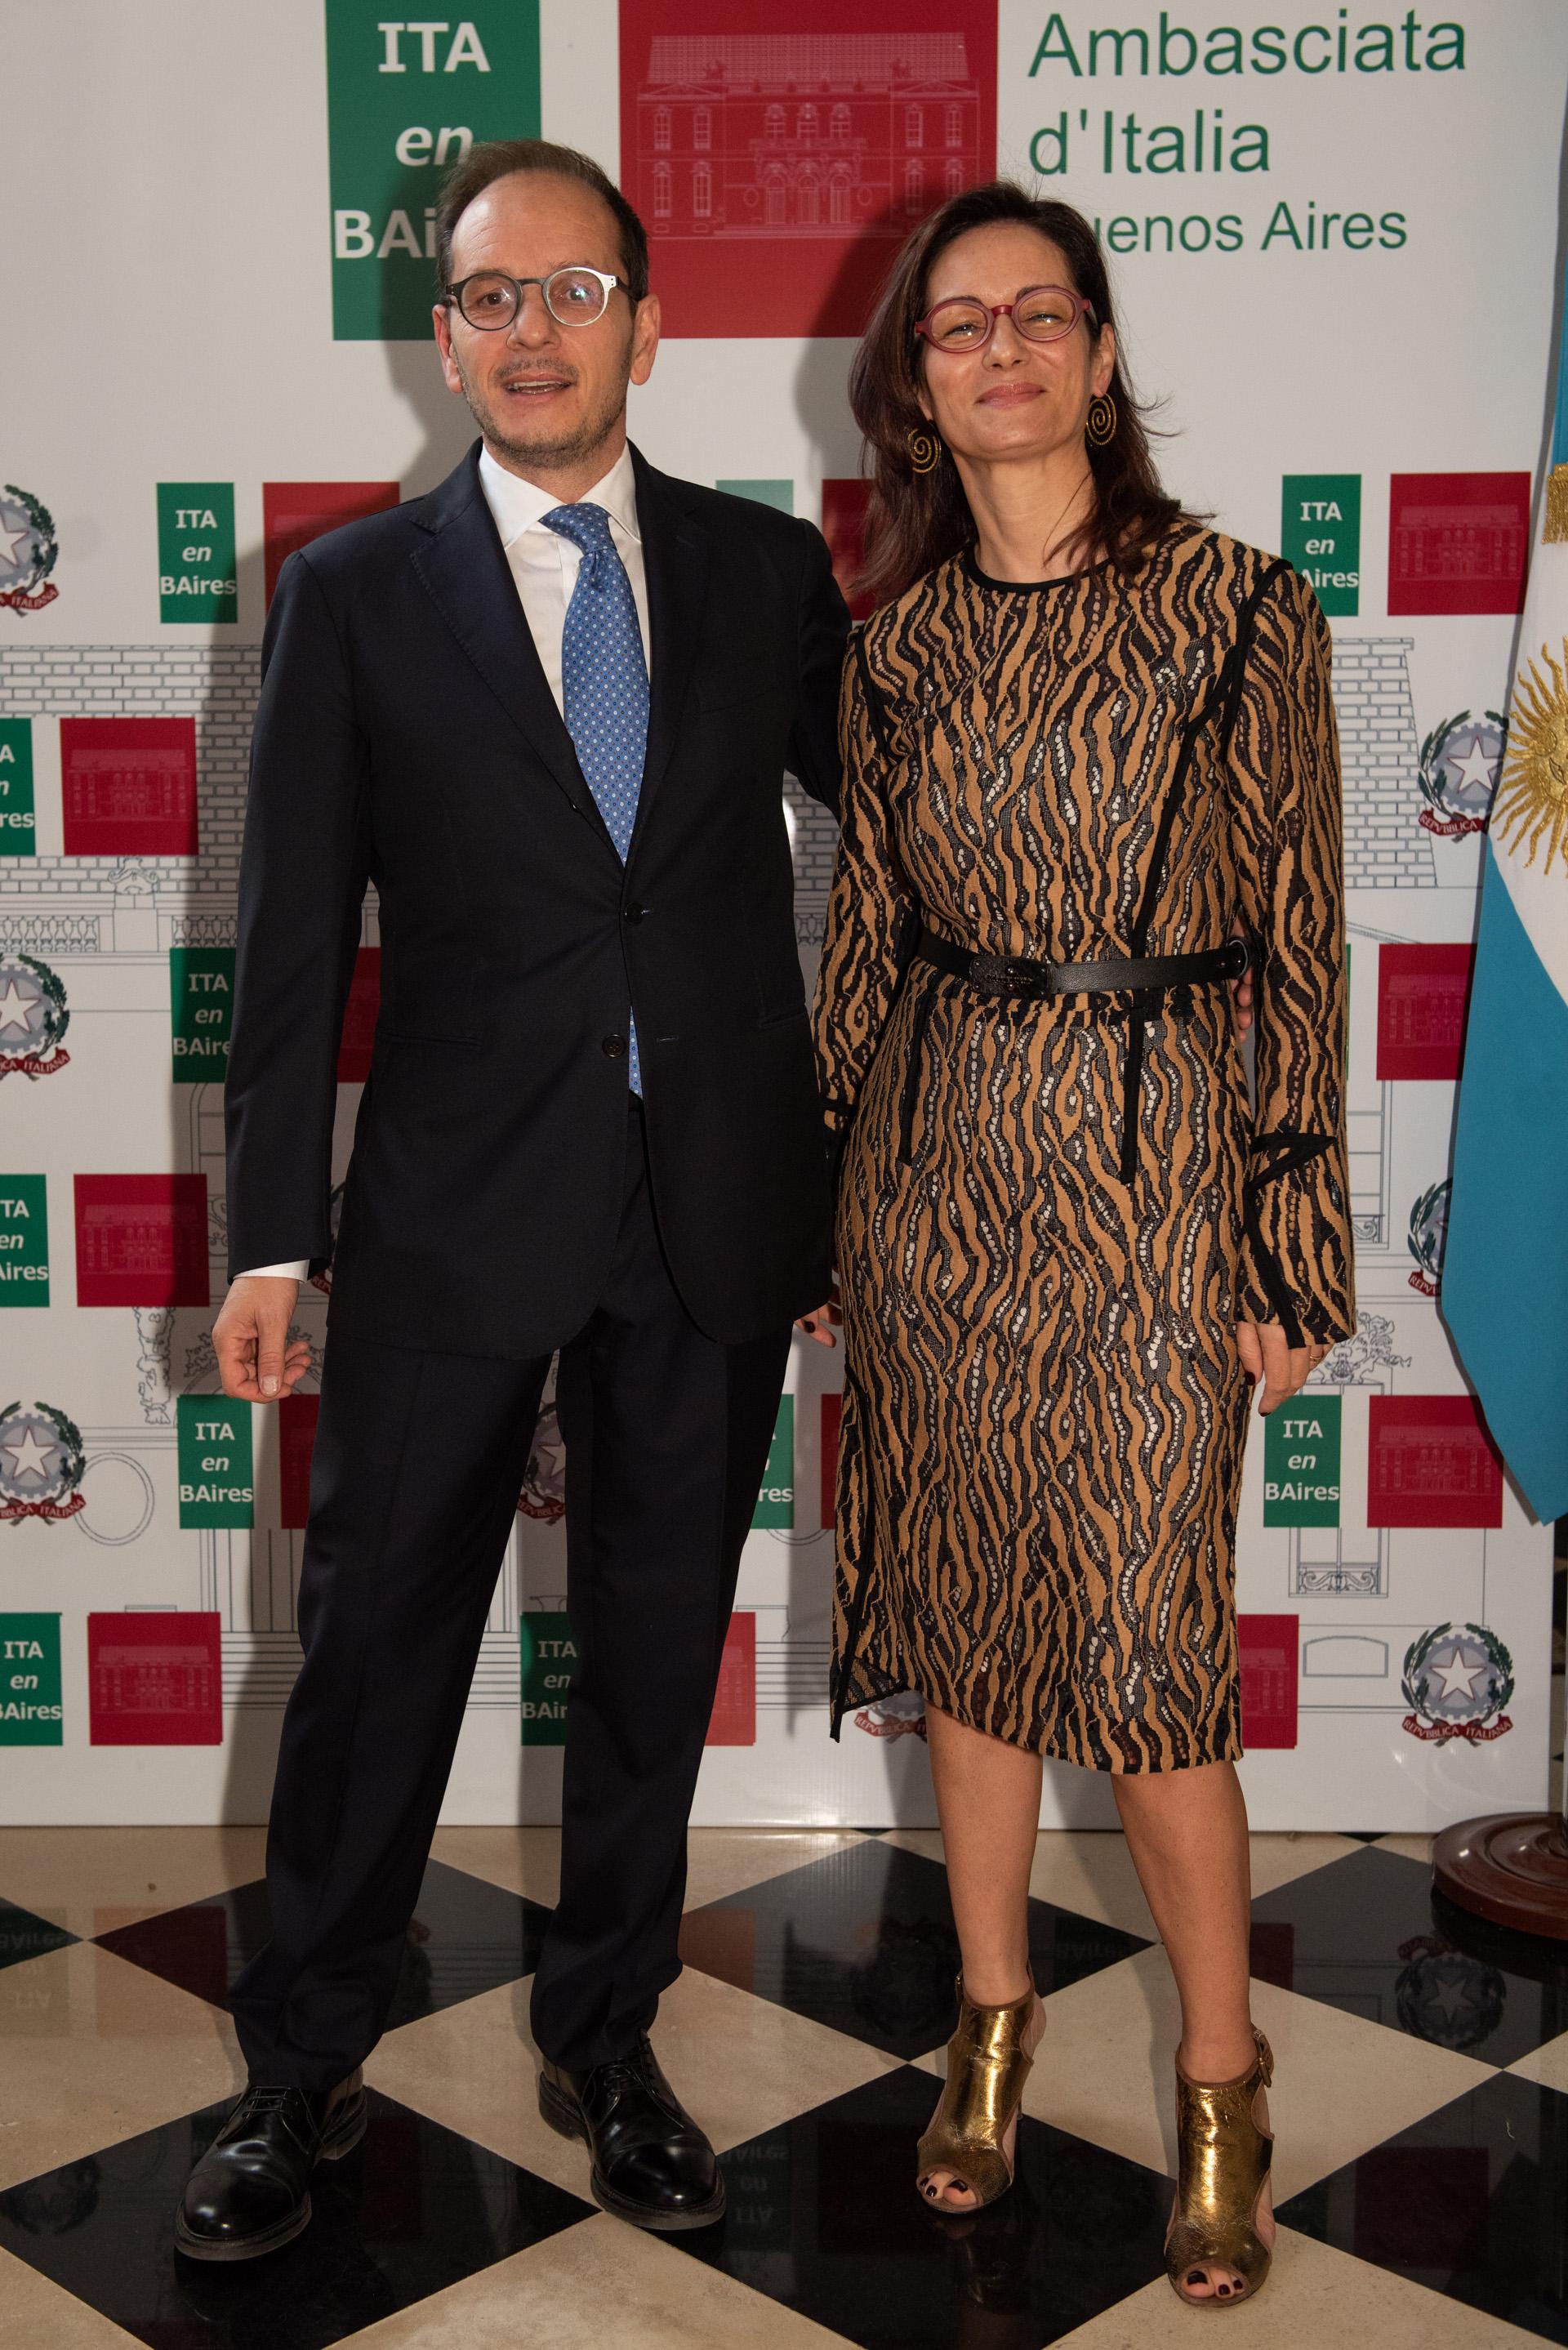 El embajador de Italia en la Argentina, Giuseppe Manzo, y su mujer Alma Hado dieron la bienvenida a cada uno de los invitados al festejo por el Aniversario del Día de la RepúblicaItaliana